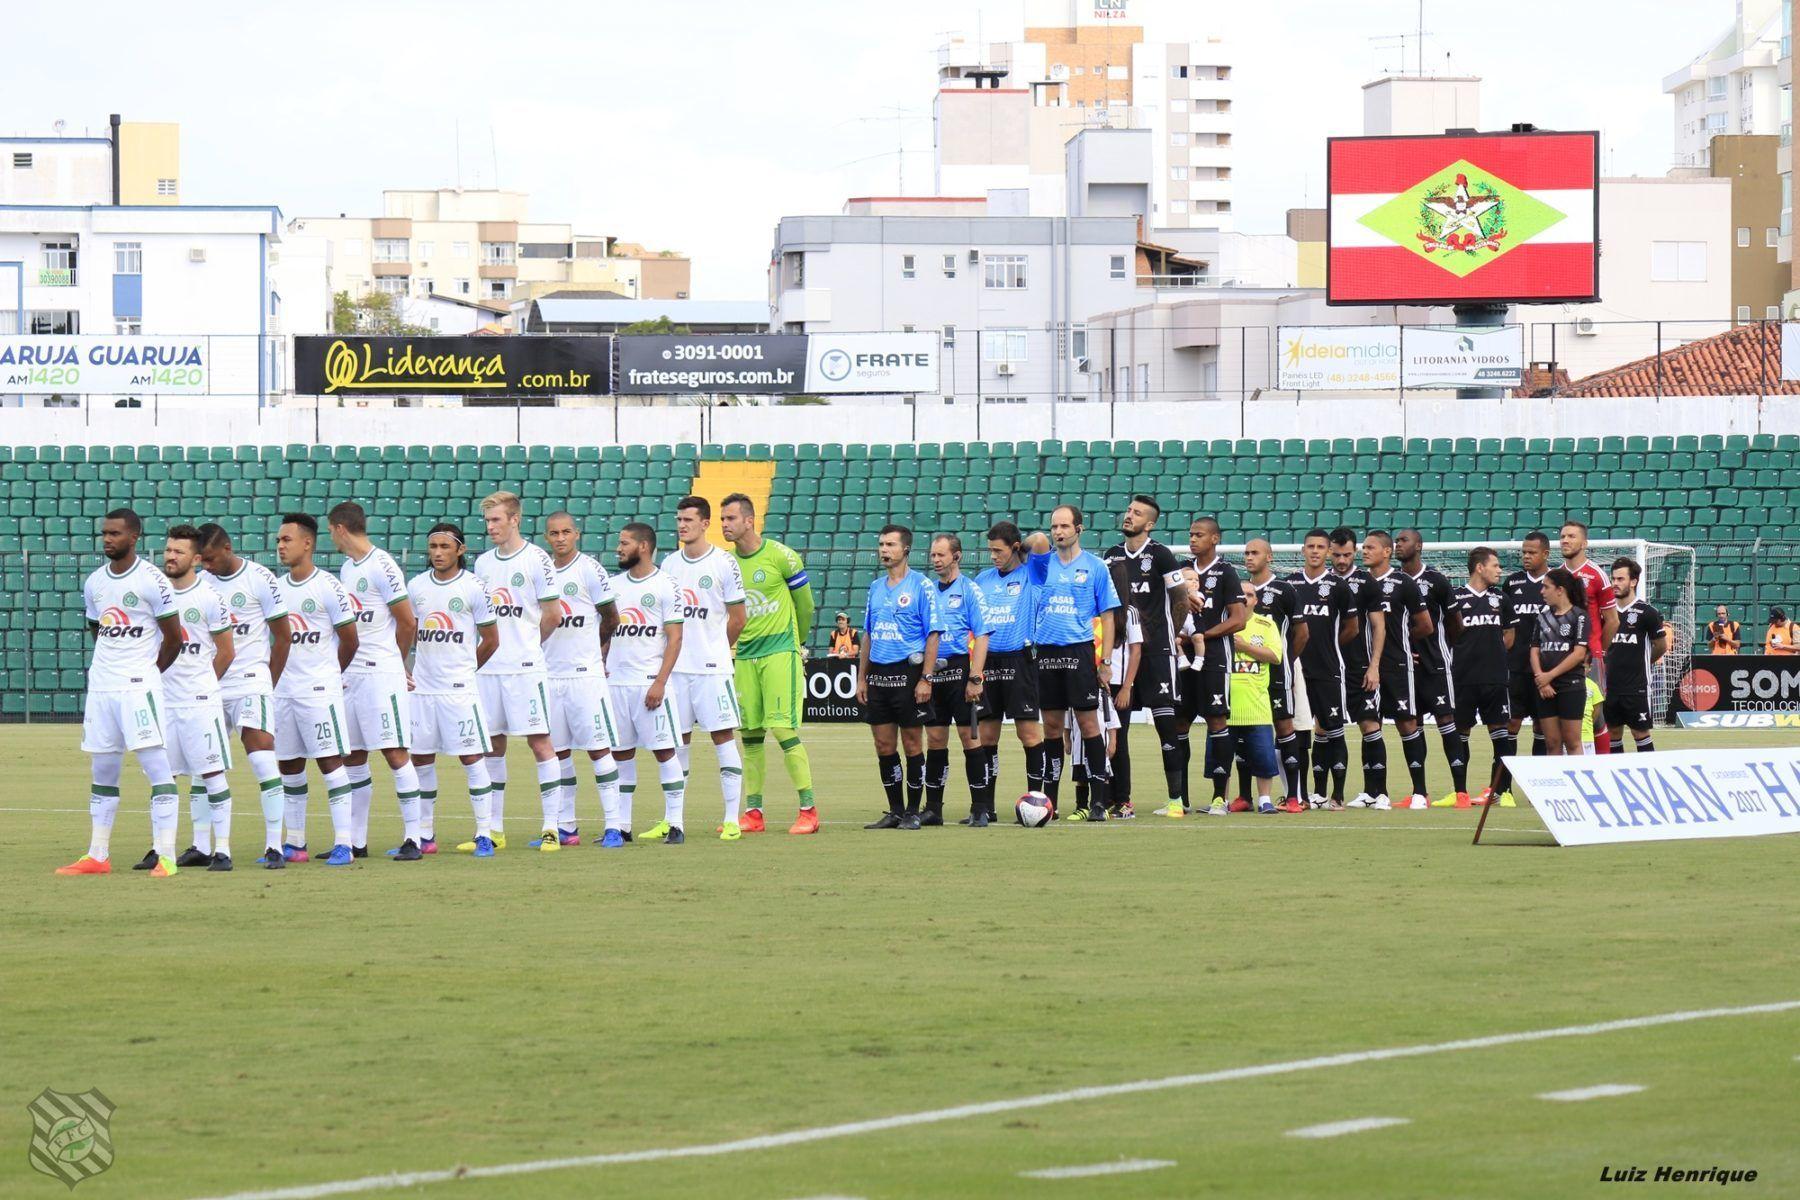 Chapecoense Vence O Figueirense Em Florianopolis Com Imagens